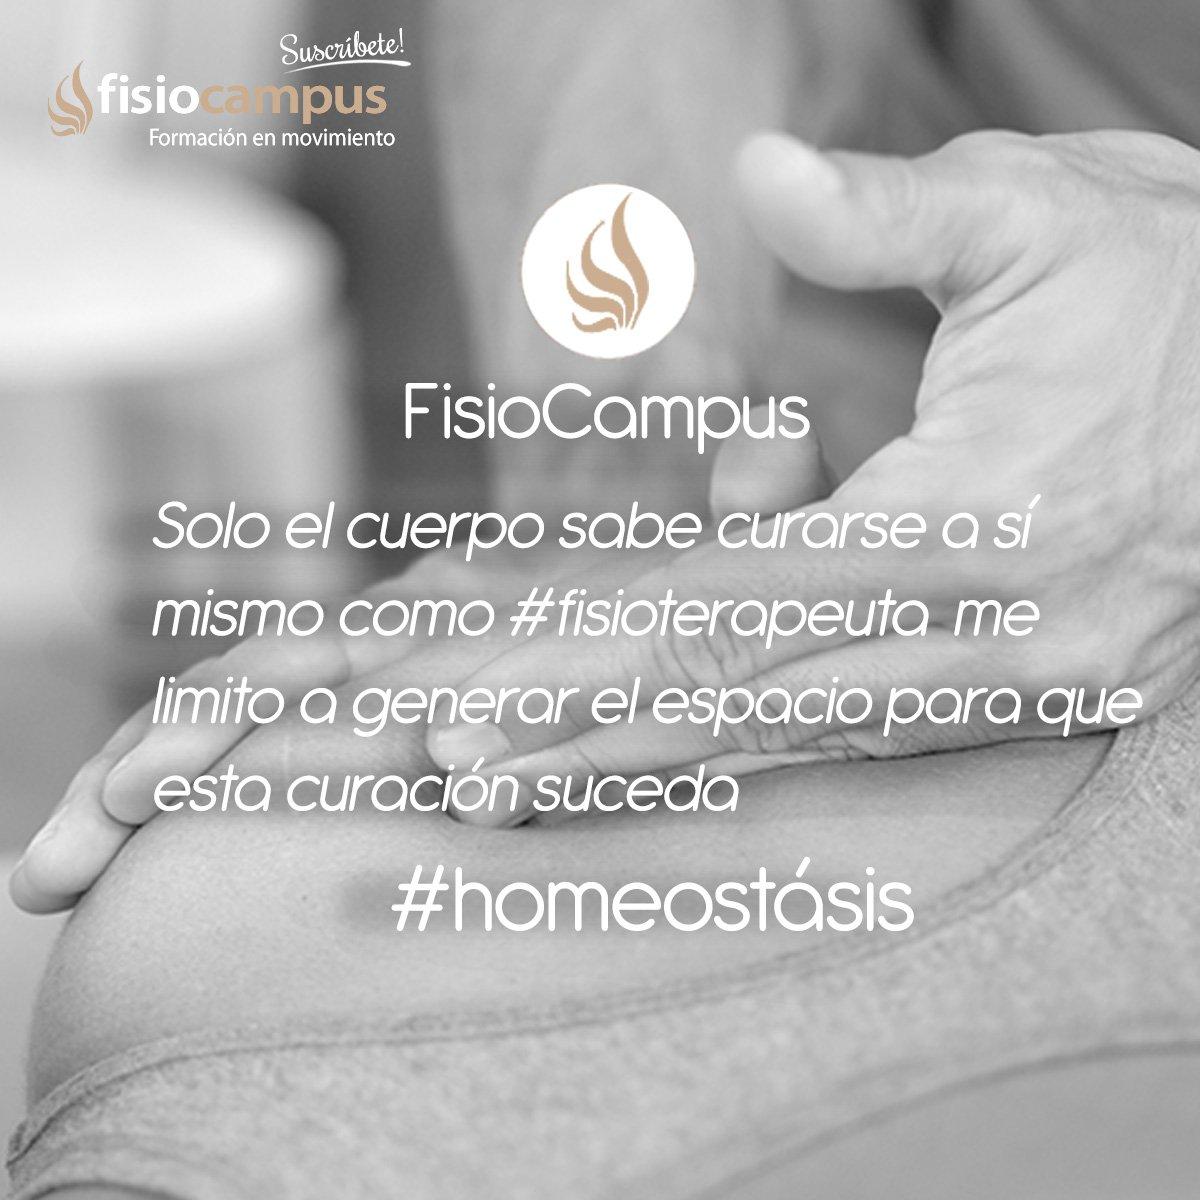 Fisiocampus Ar Twitter La Frase De Hoy Es Httpstco